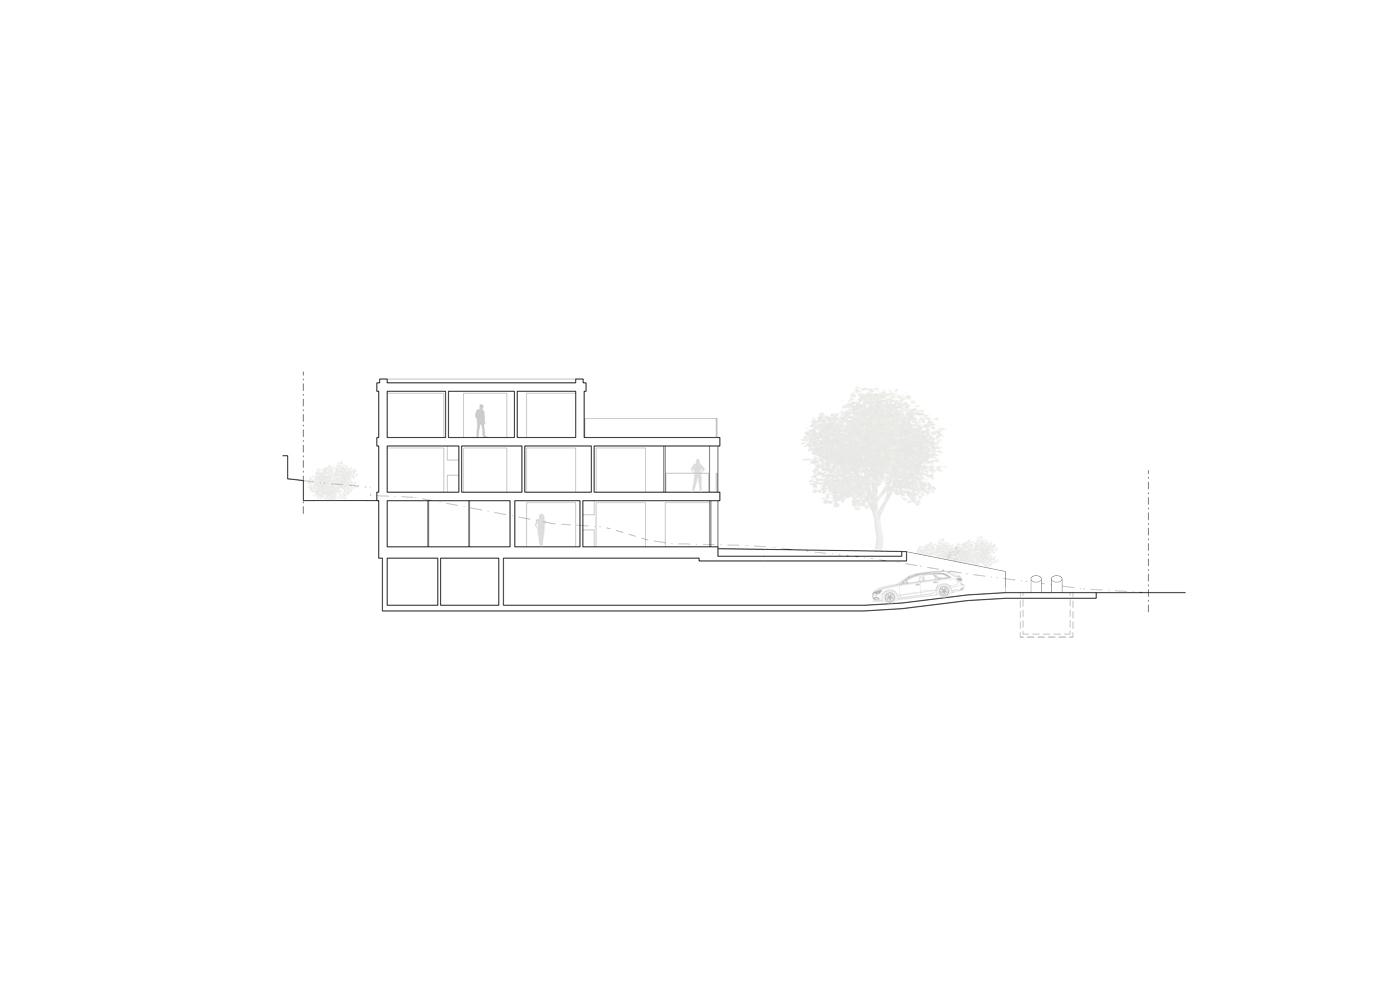 buan architekten – Wohnhaus Nelkenstrasse Emmen – Schnitt